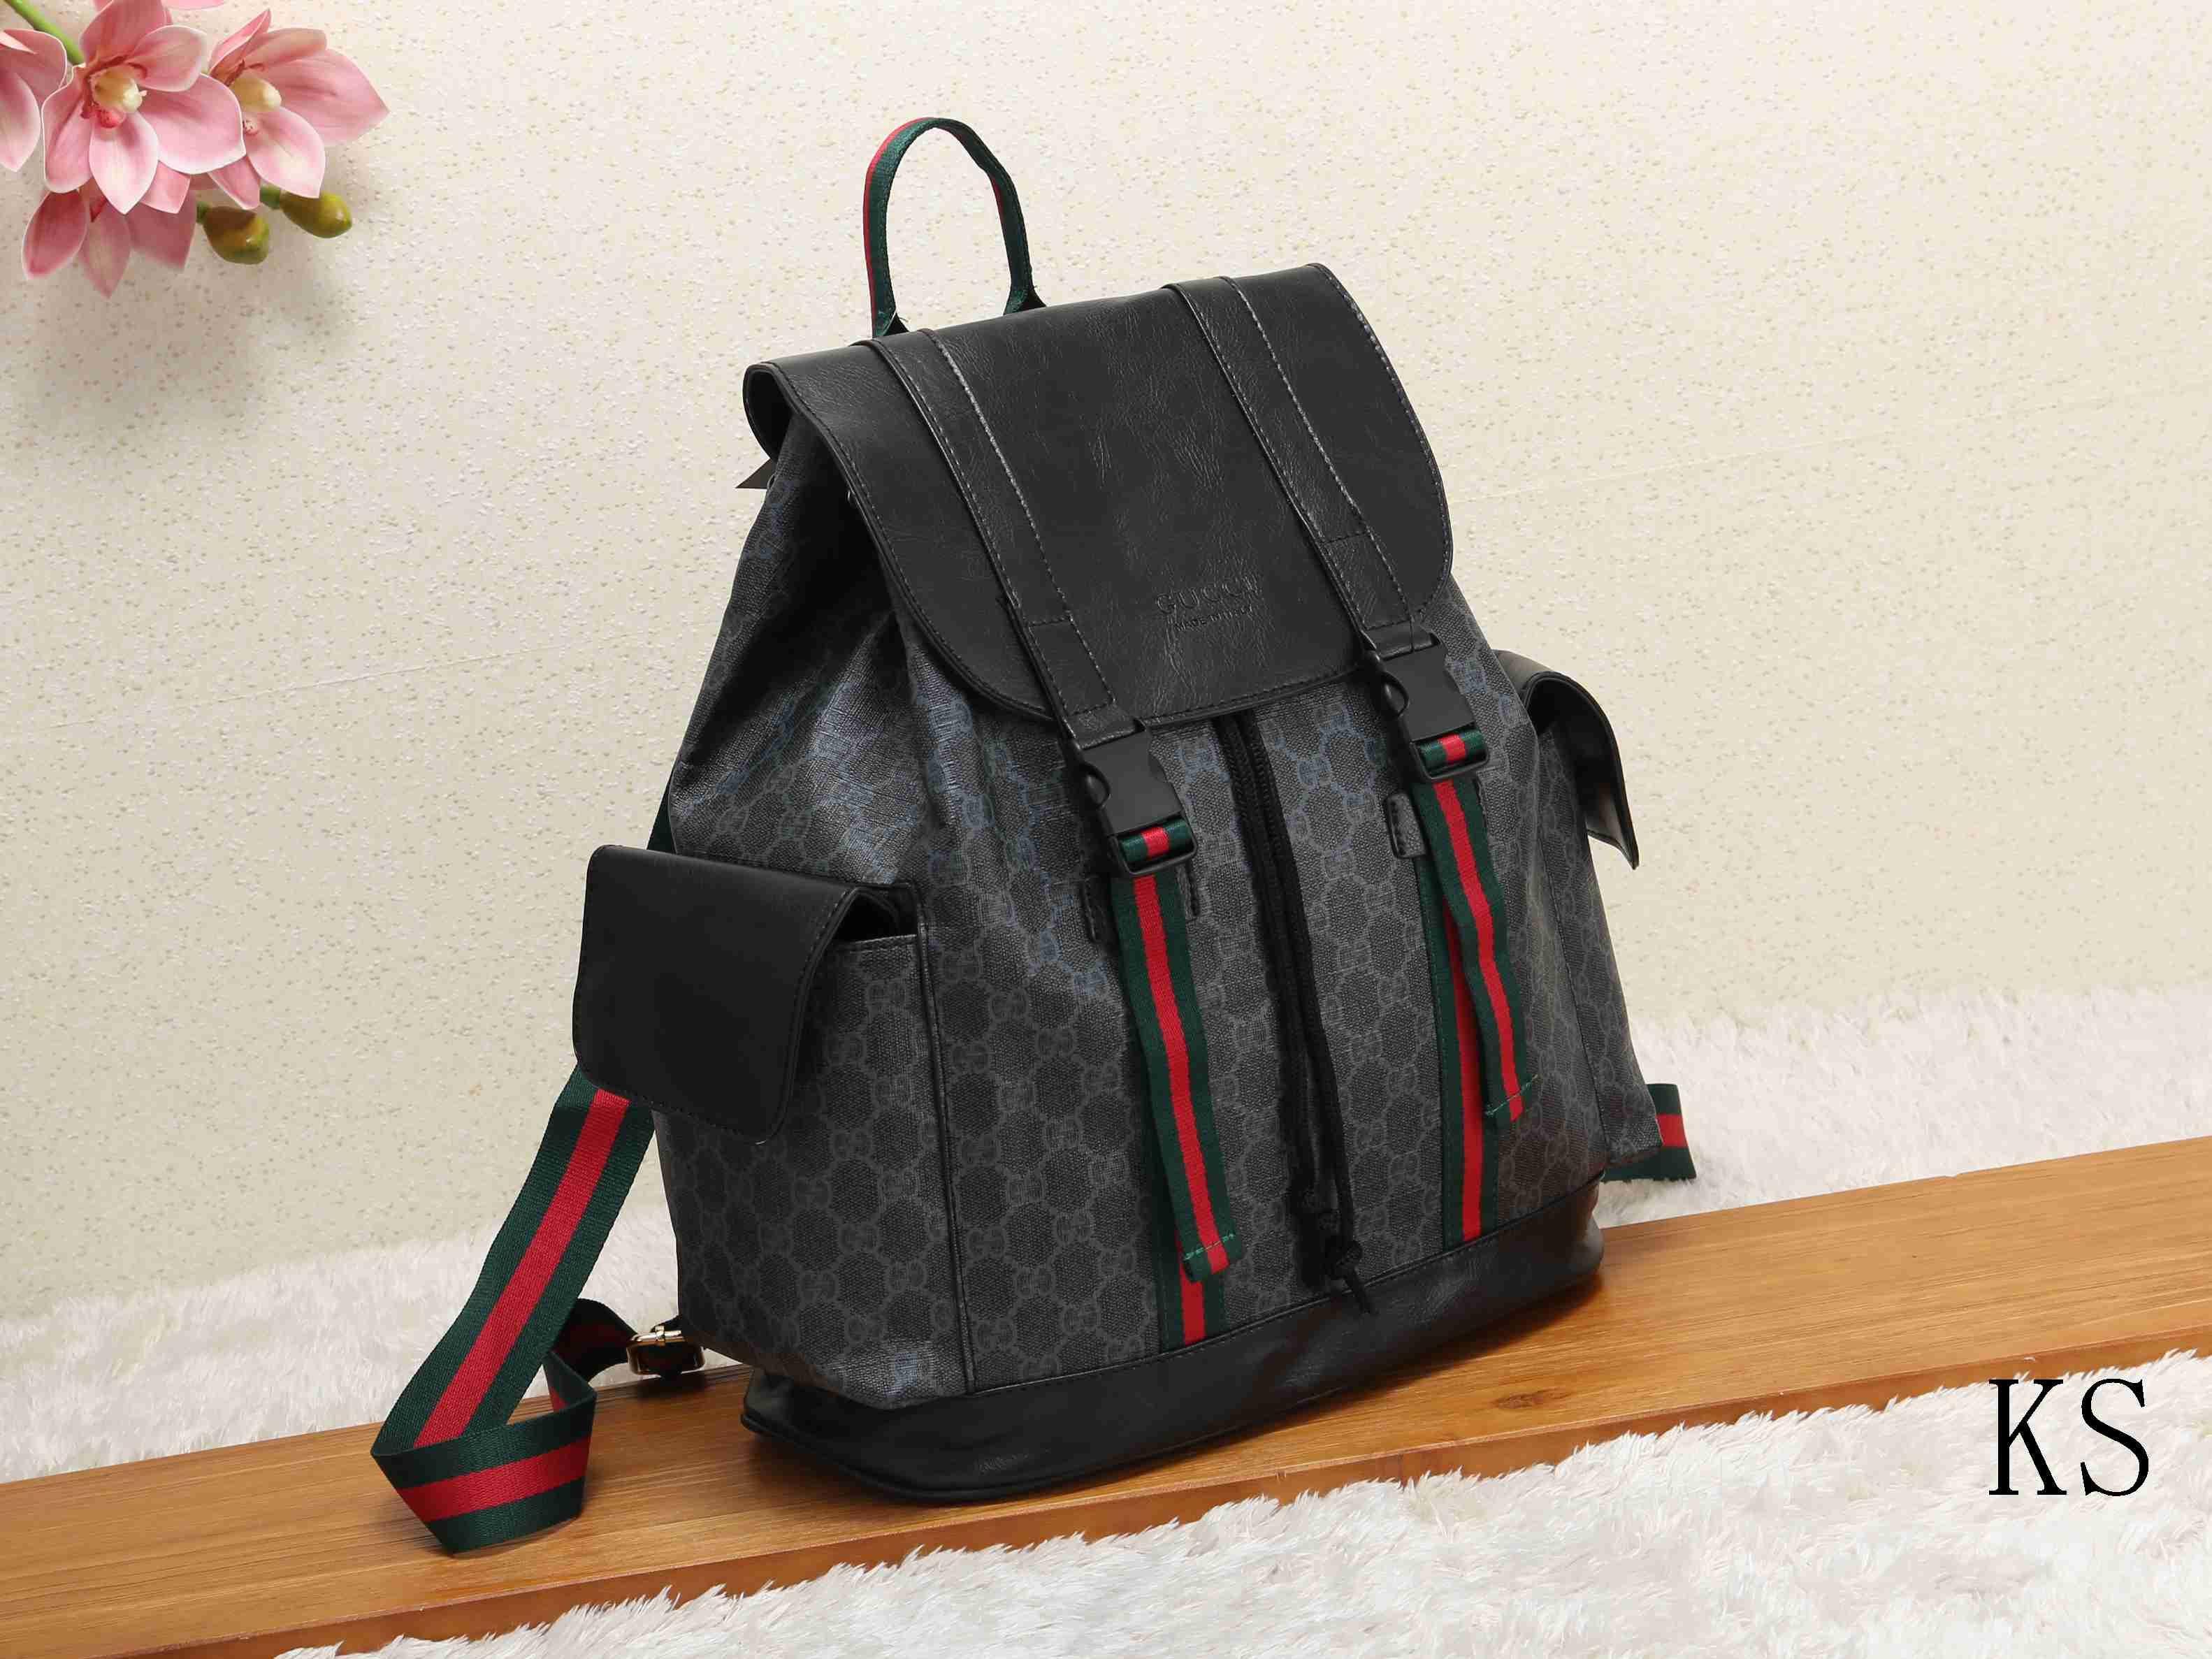 d30640aba3ec0 Gucci Louis Vuitton Yves Saint Lauret Chanel Shoulder Bags ...